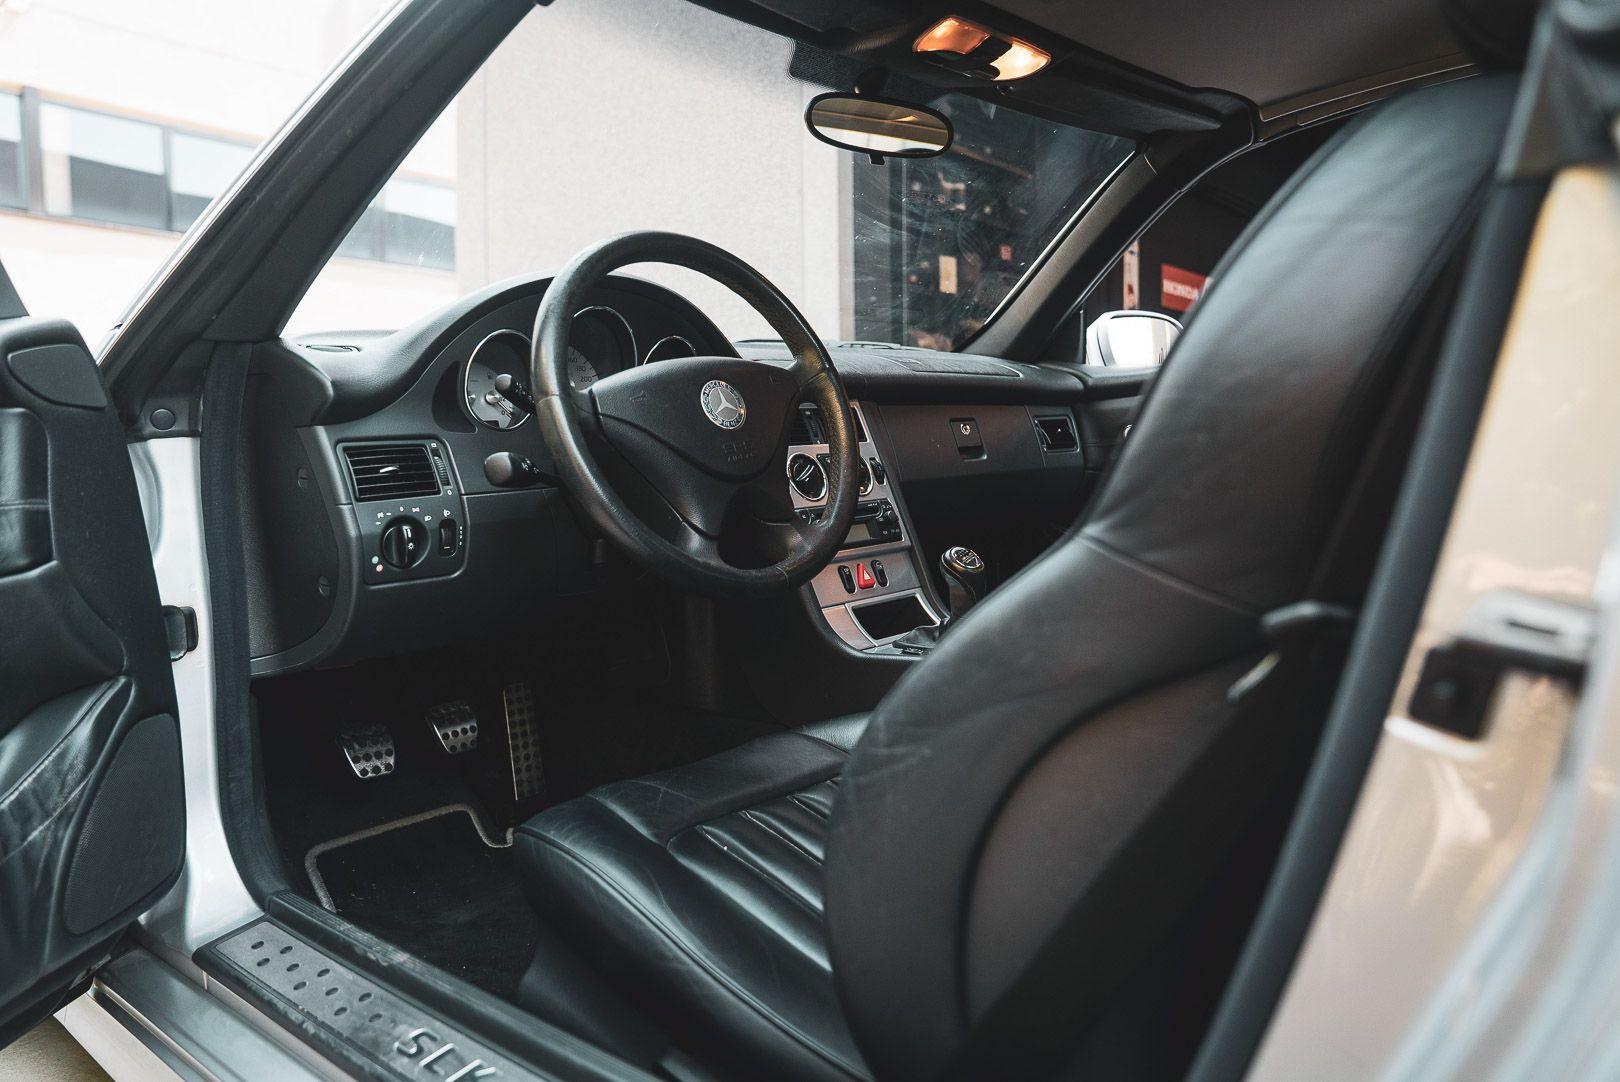 2004 Mercedes Benz 200 SLK Kompressor Special Edition 80759